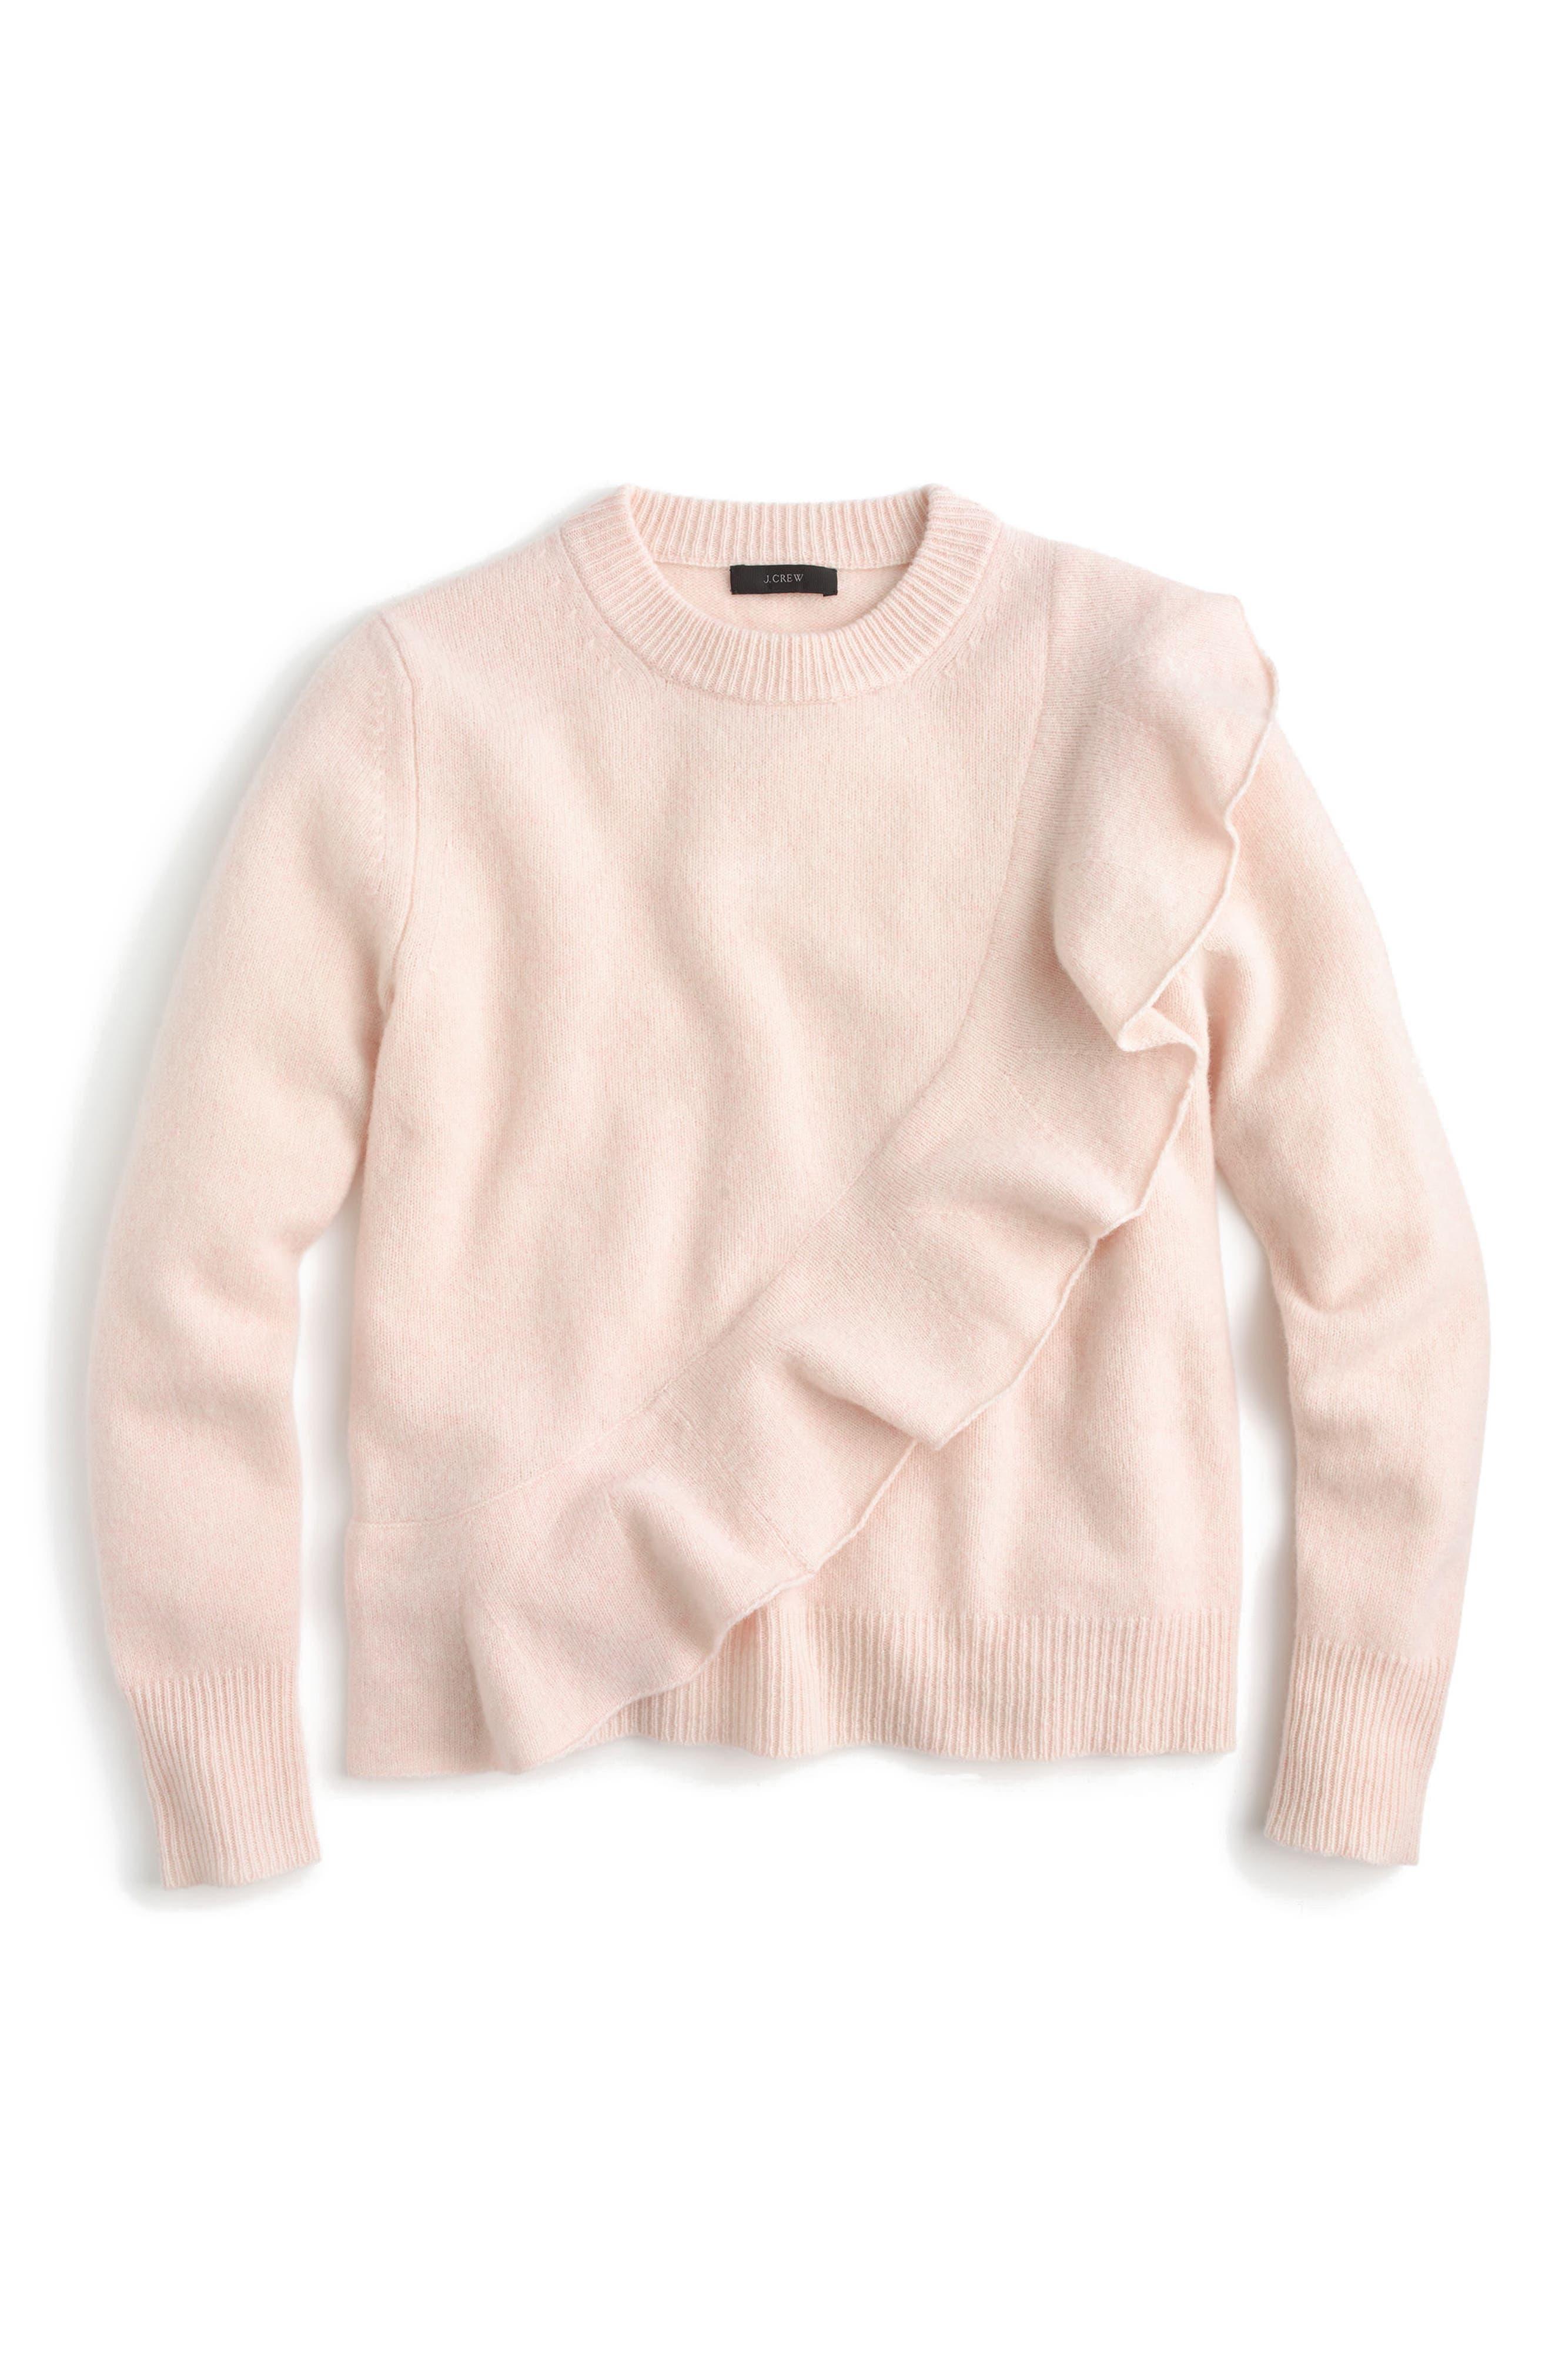 J.Crew Harold Ruffle Boiled Wool Sweater